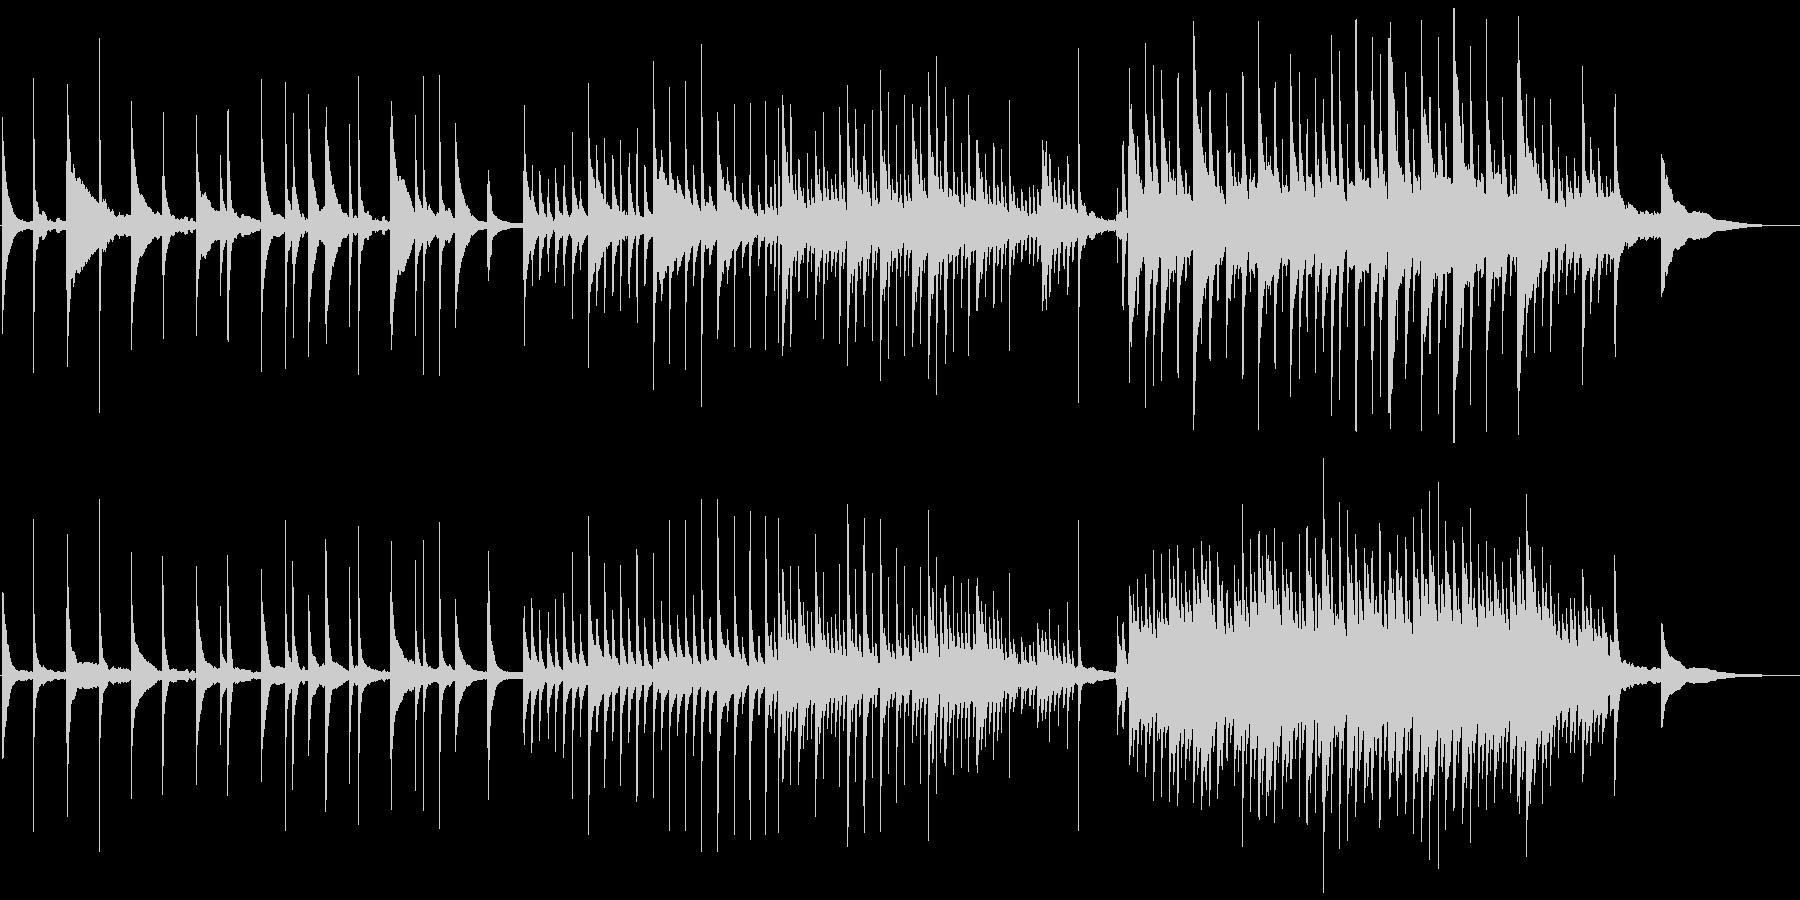 澄み切ったピアノソロのポジティブ透明感の未再生の波形